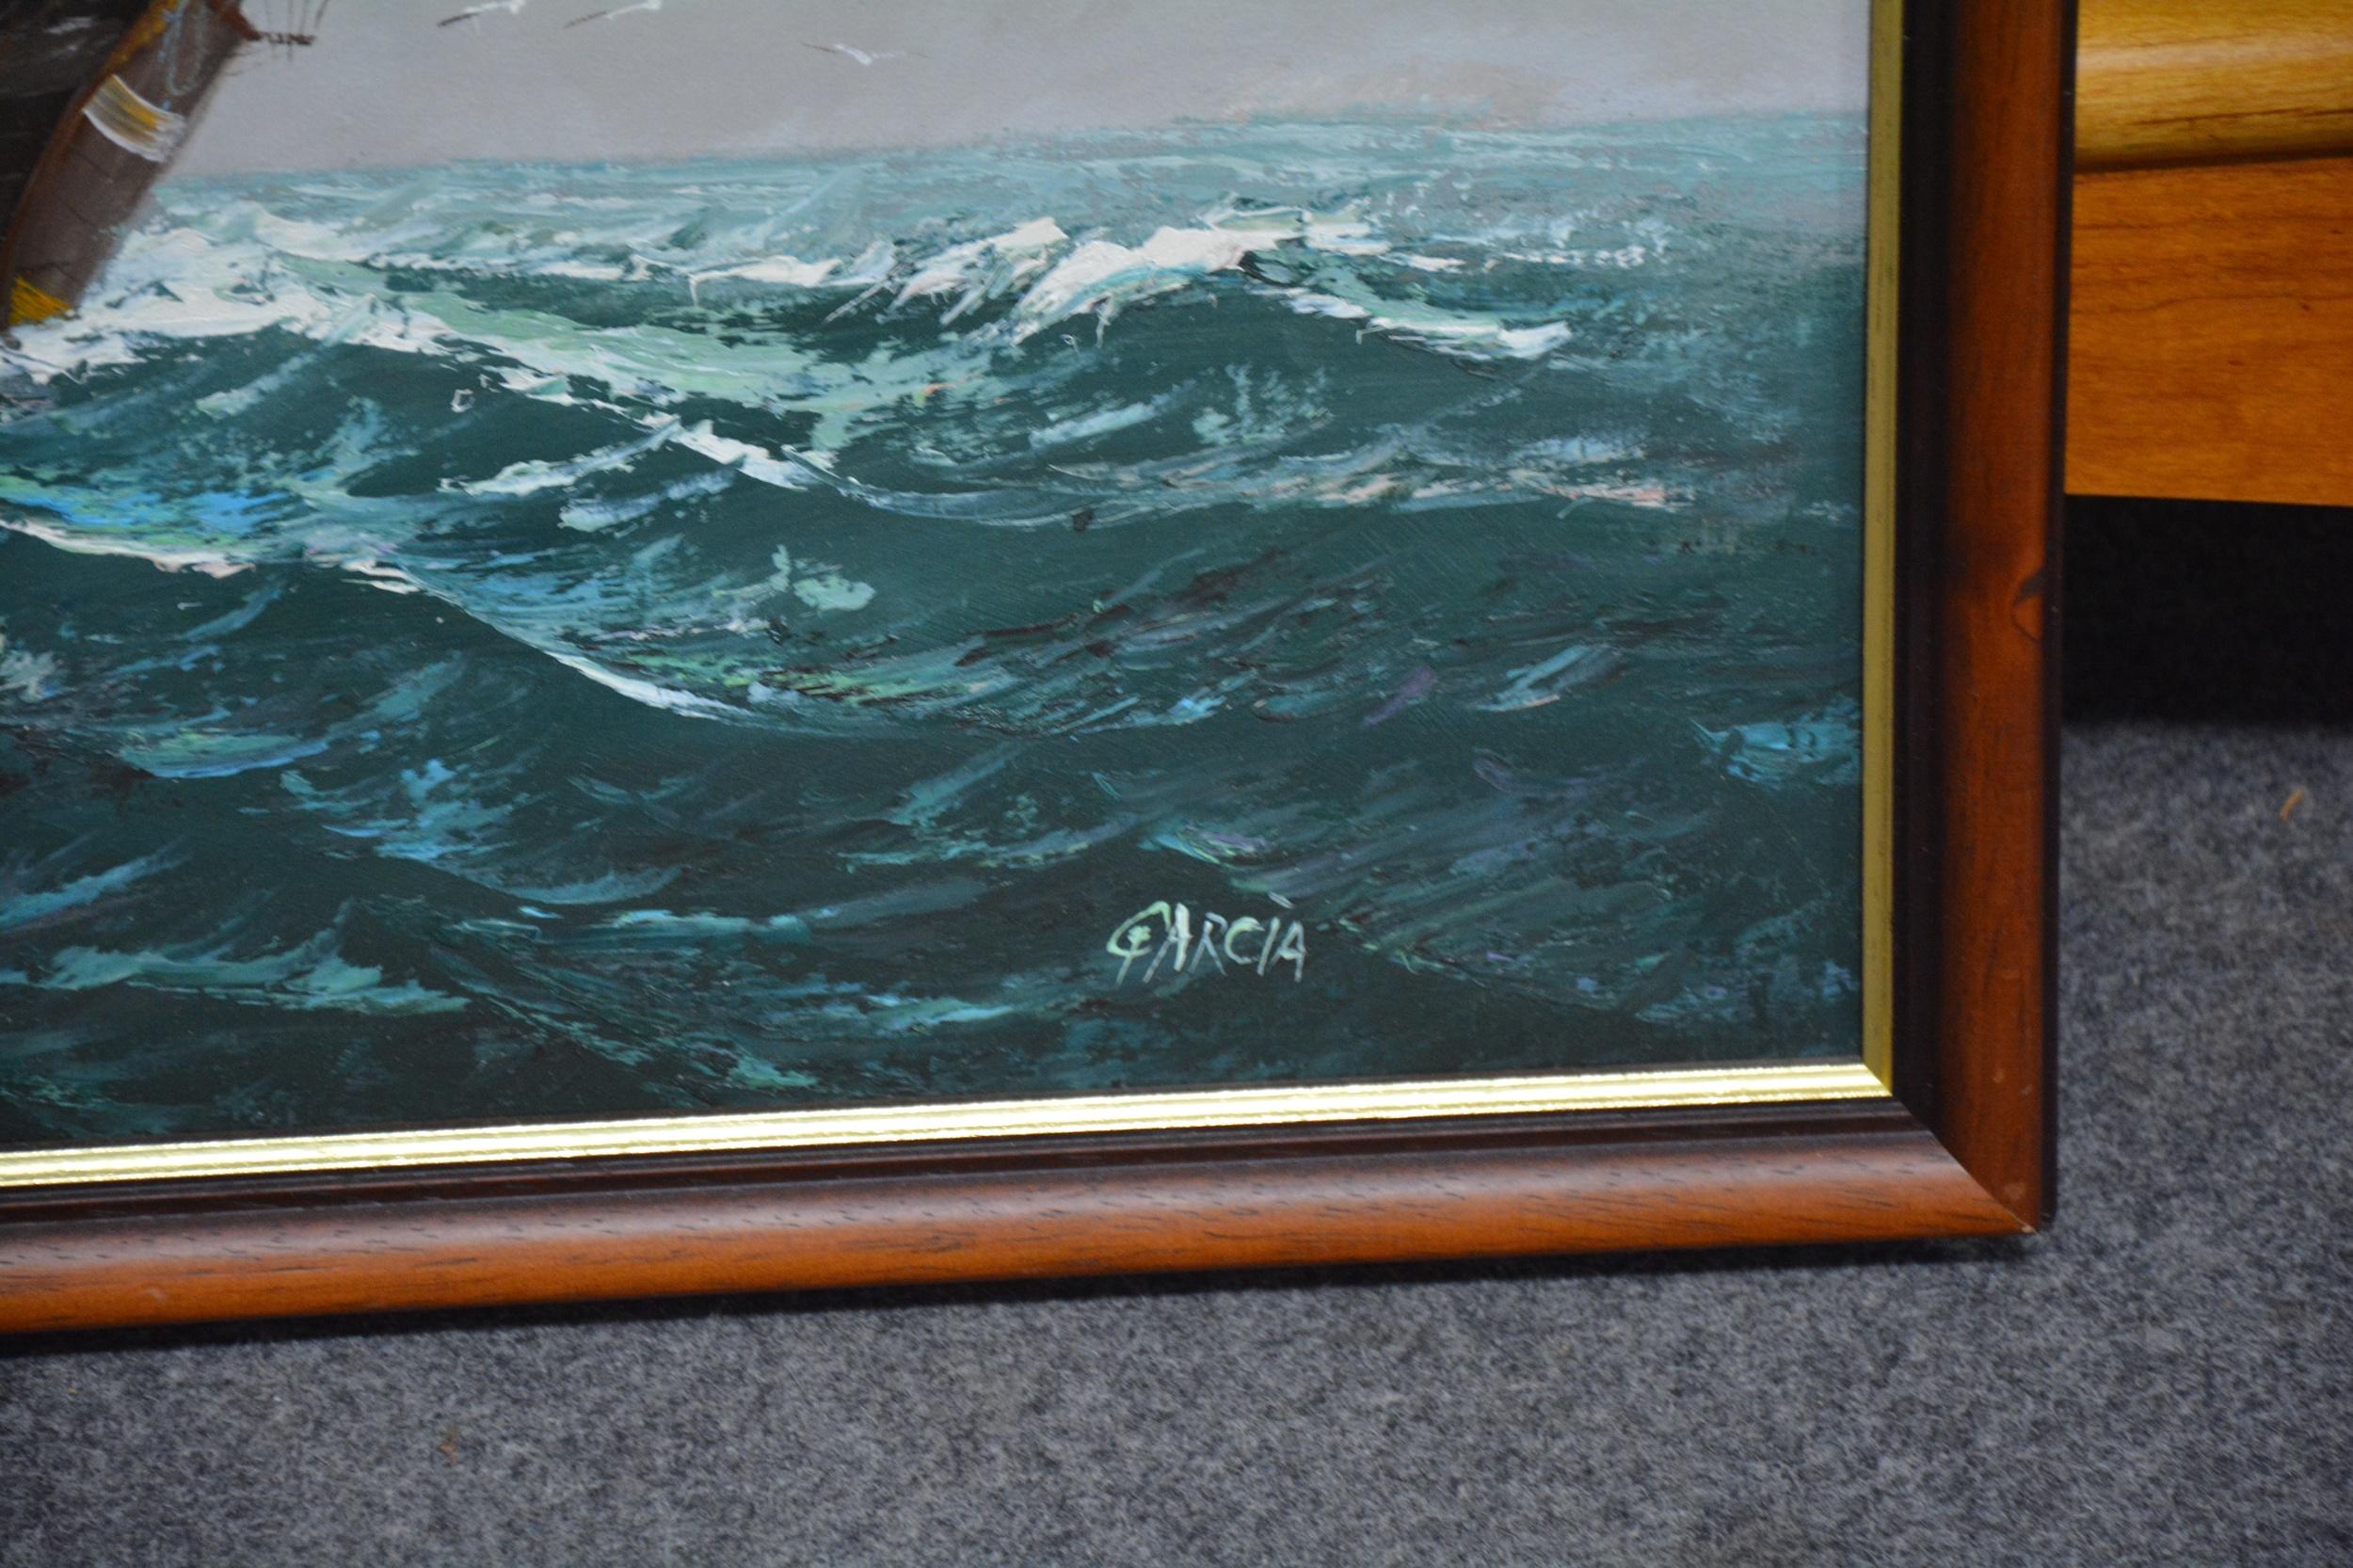 Garcia (Contemporary) - Galleon at Sea - Image 3 of 4